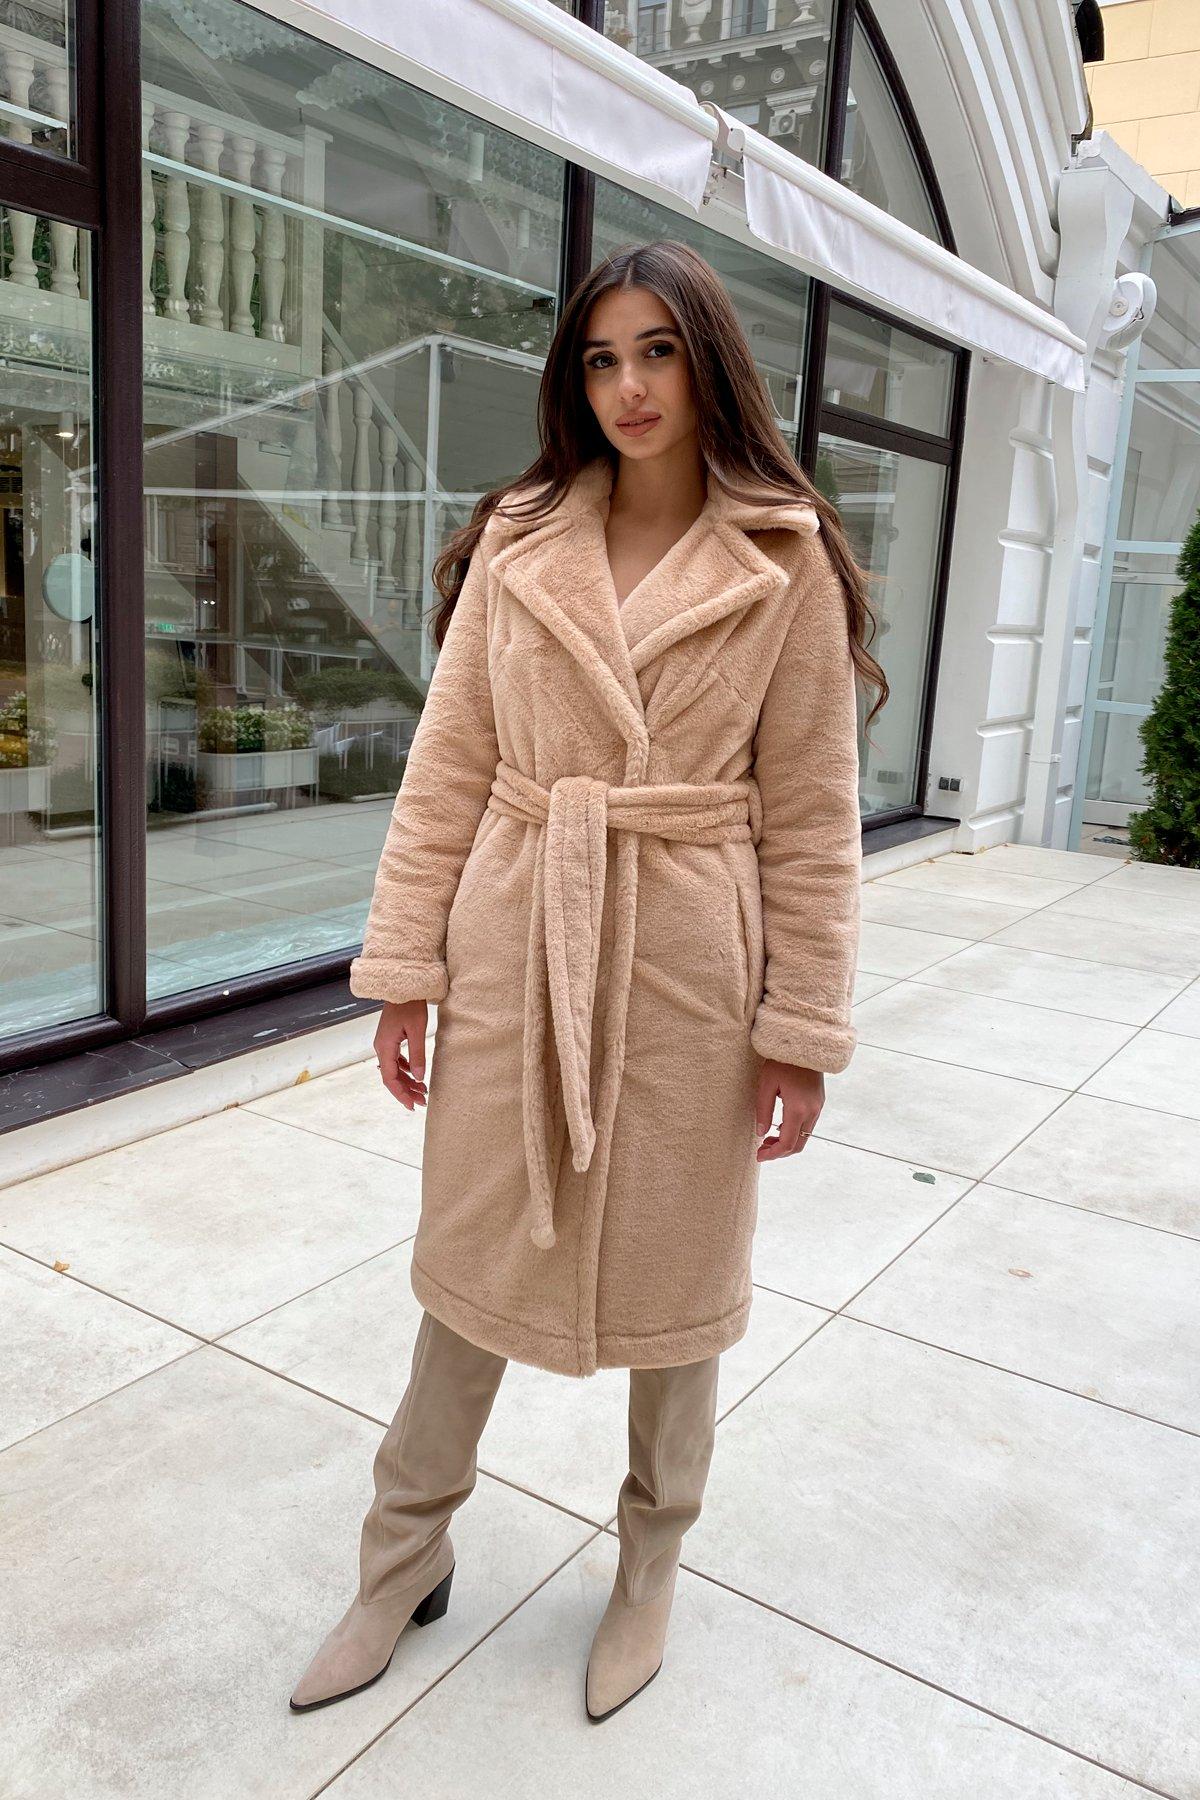 Зимнее пальто из искусственного меха норки Саманта 8641 АРТ. 44956 Цвет: Бежевый - фото 13, интернет магазин tm-modus.ru